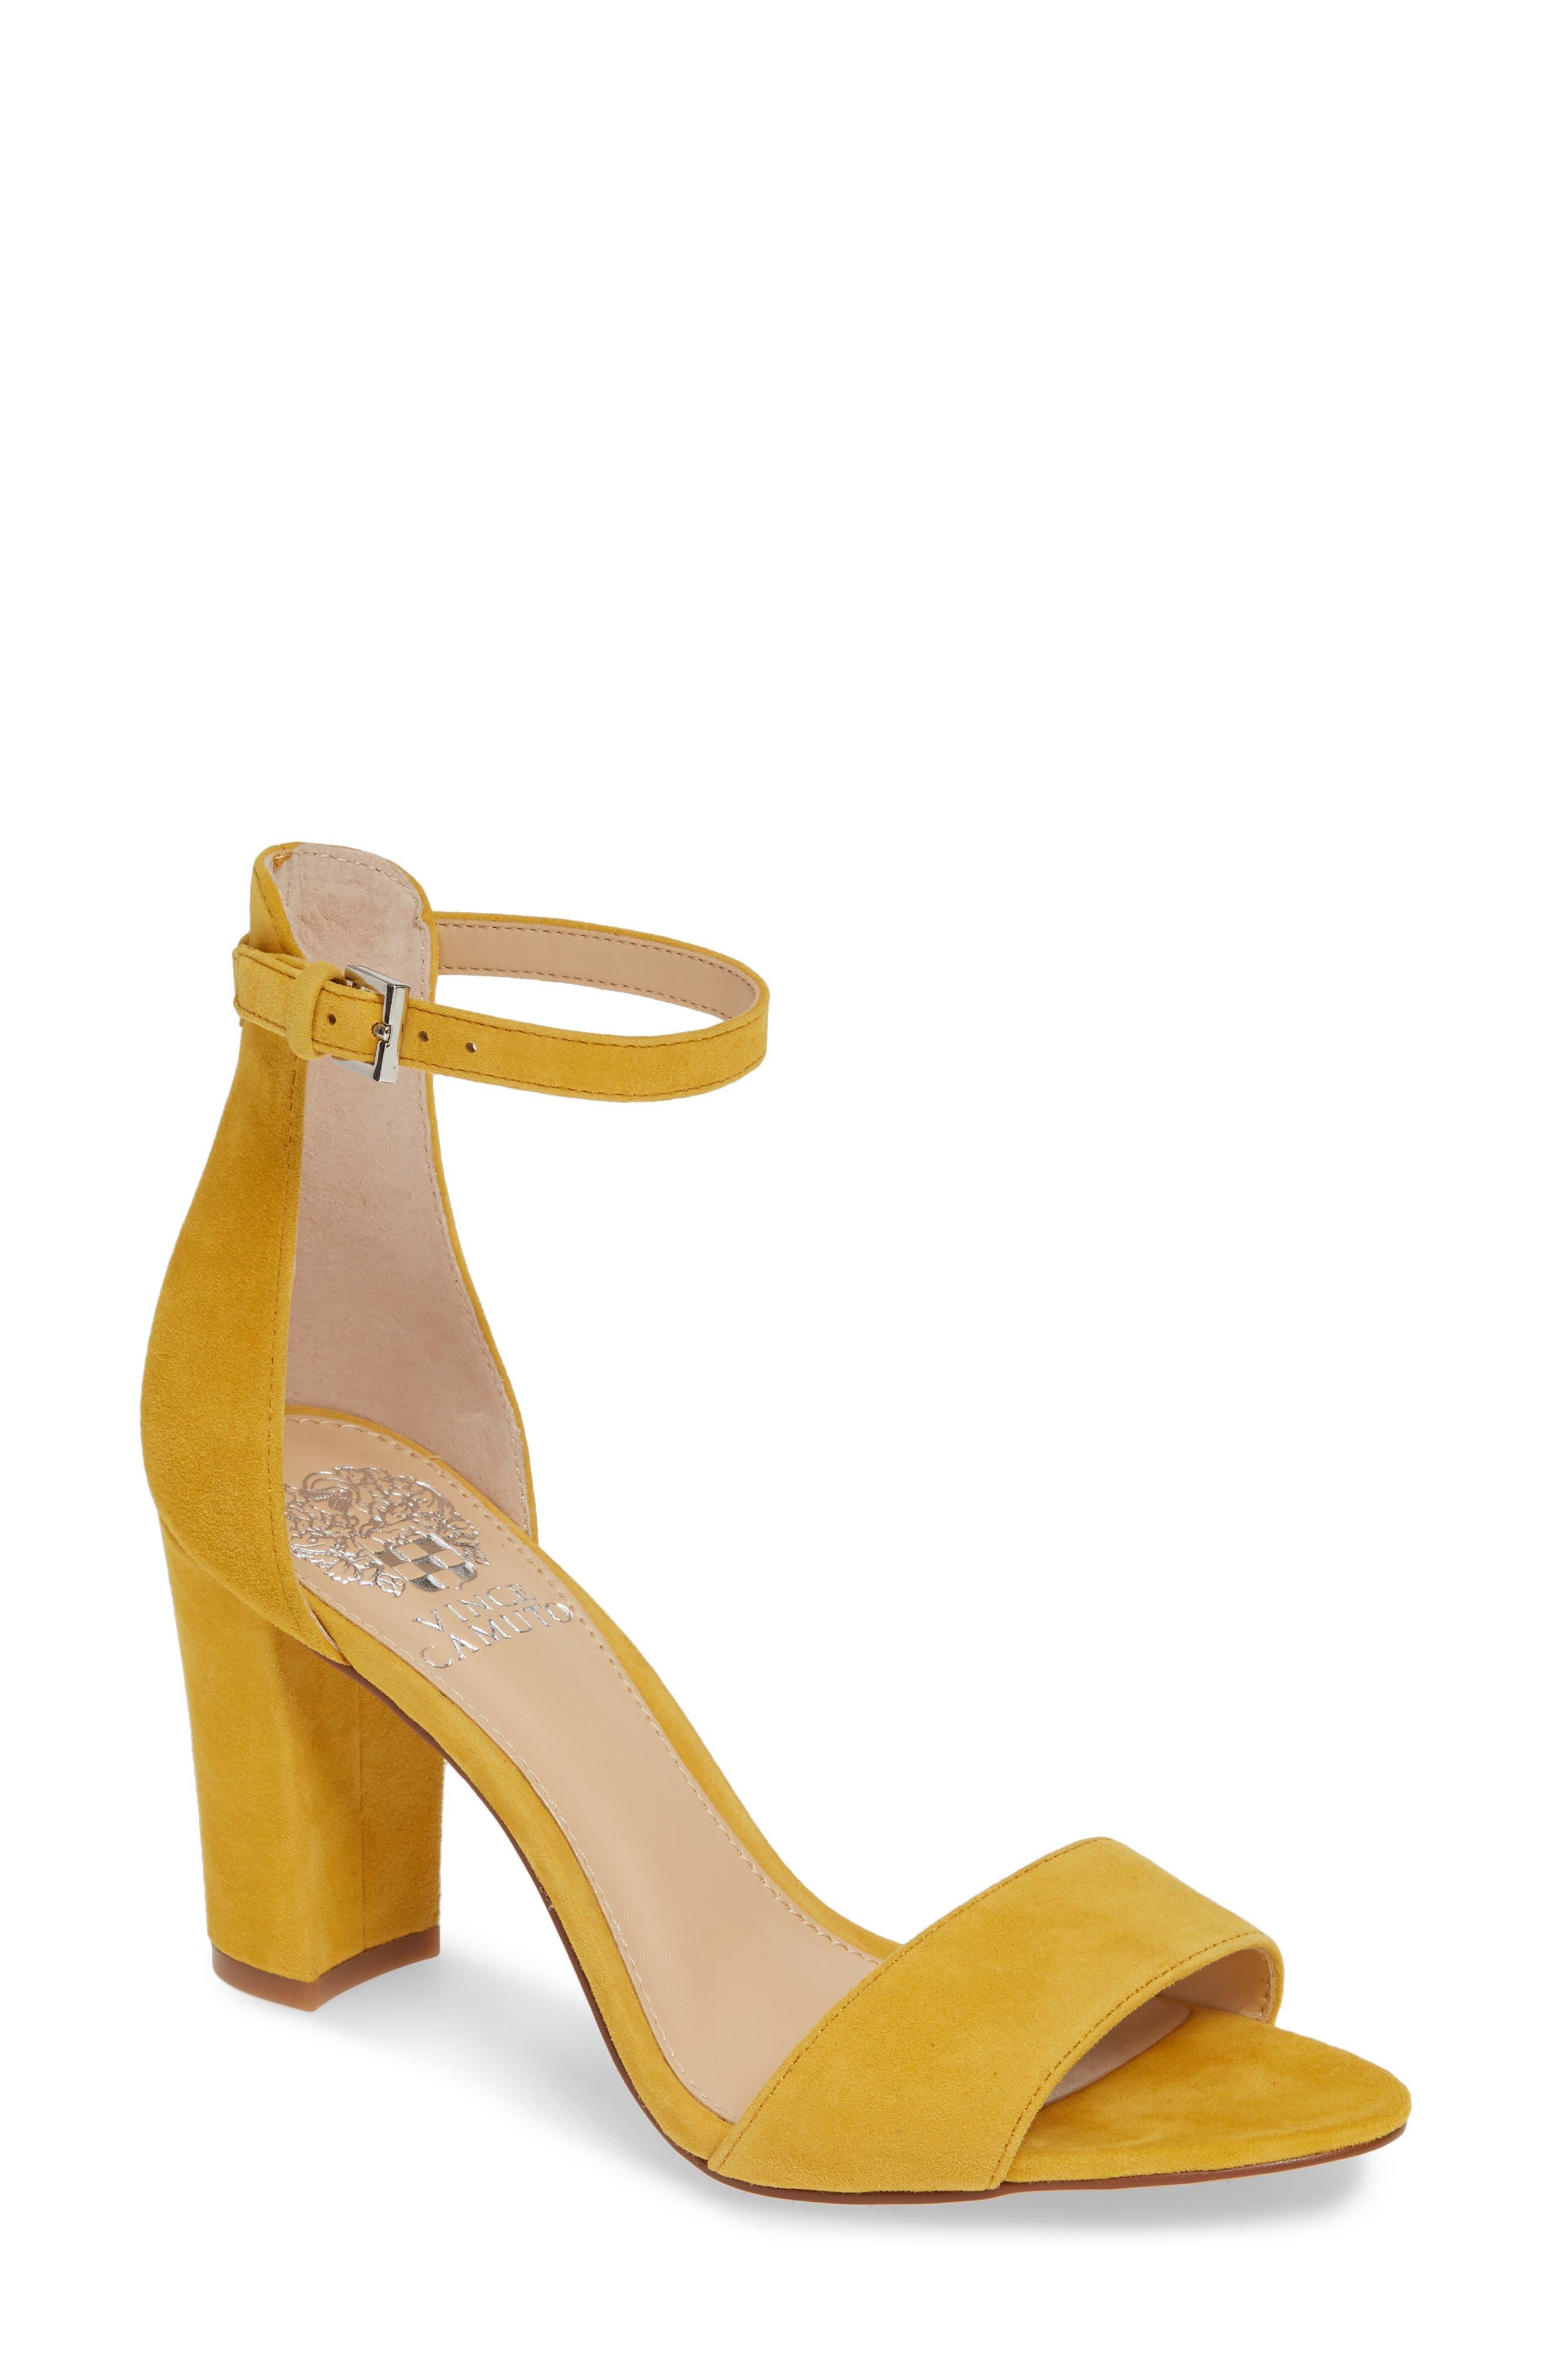 8121a013eefc Women s Vince Camuto Heels